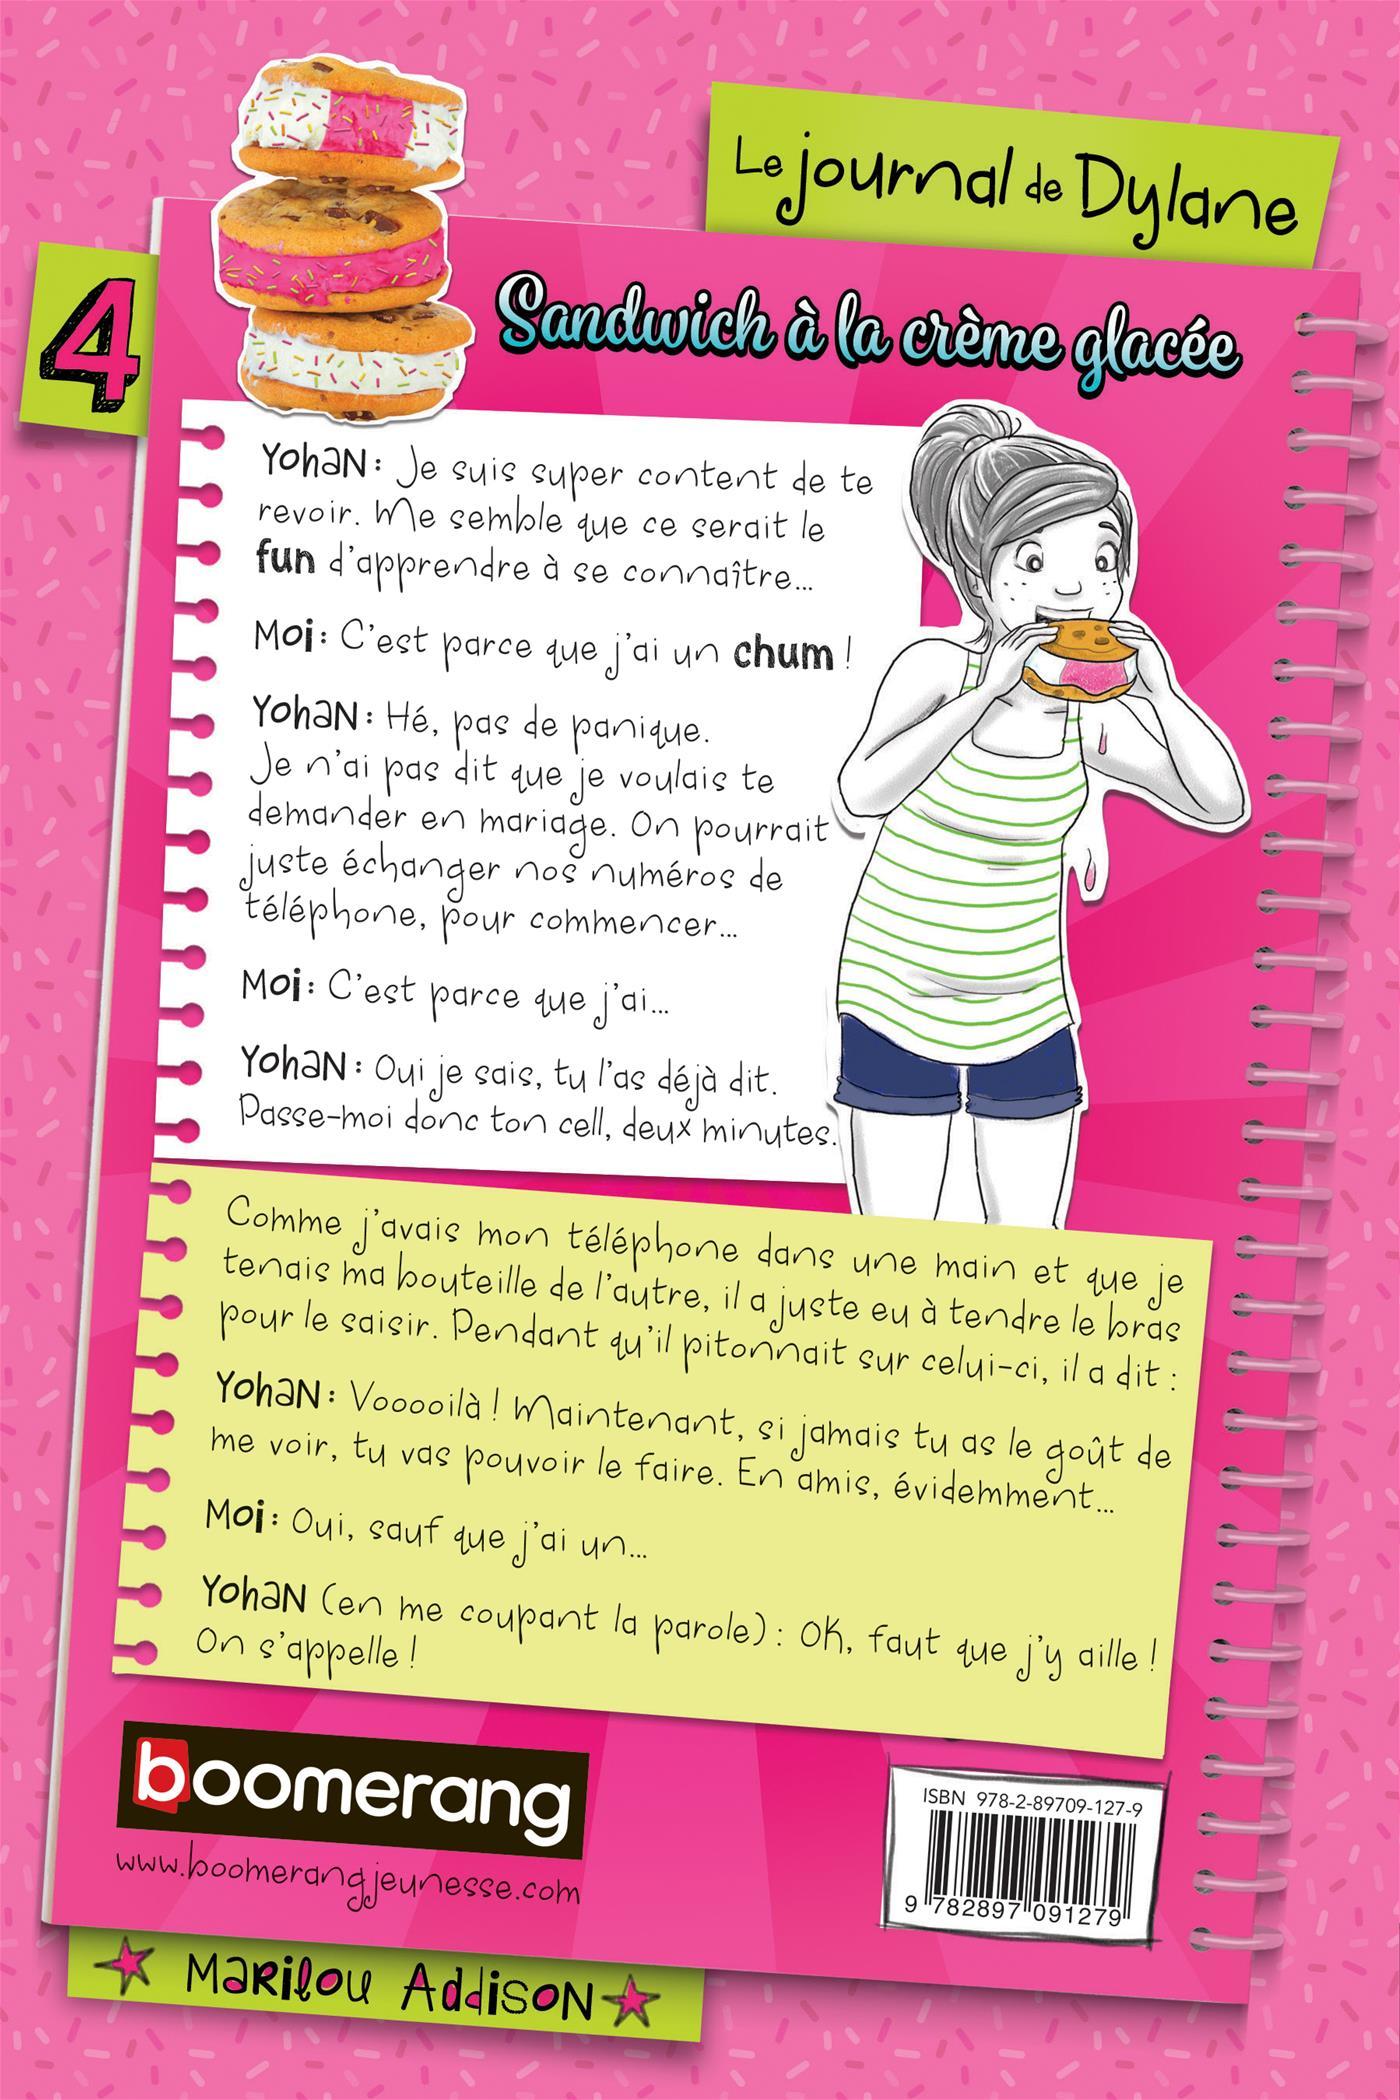 Livre sandwich la cr me glac e n 4 messageries adp for Le journal de la